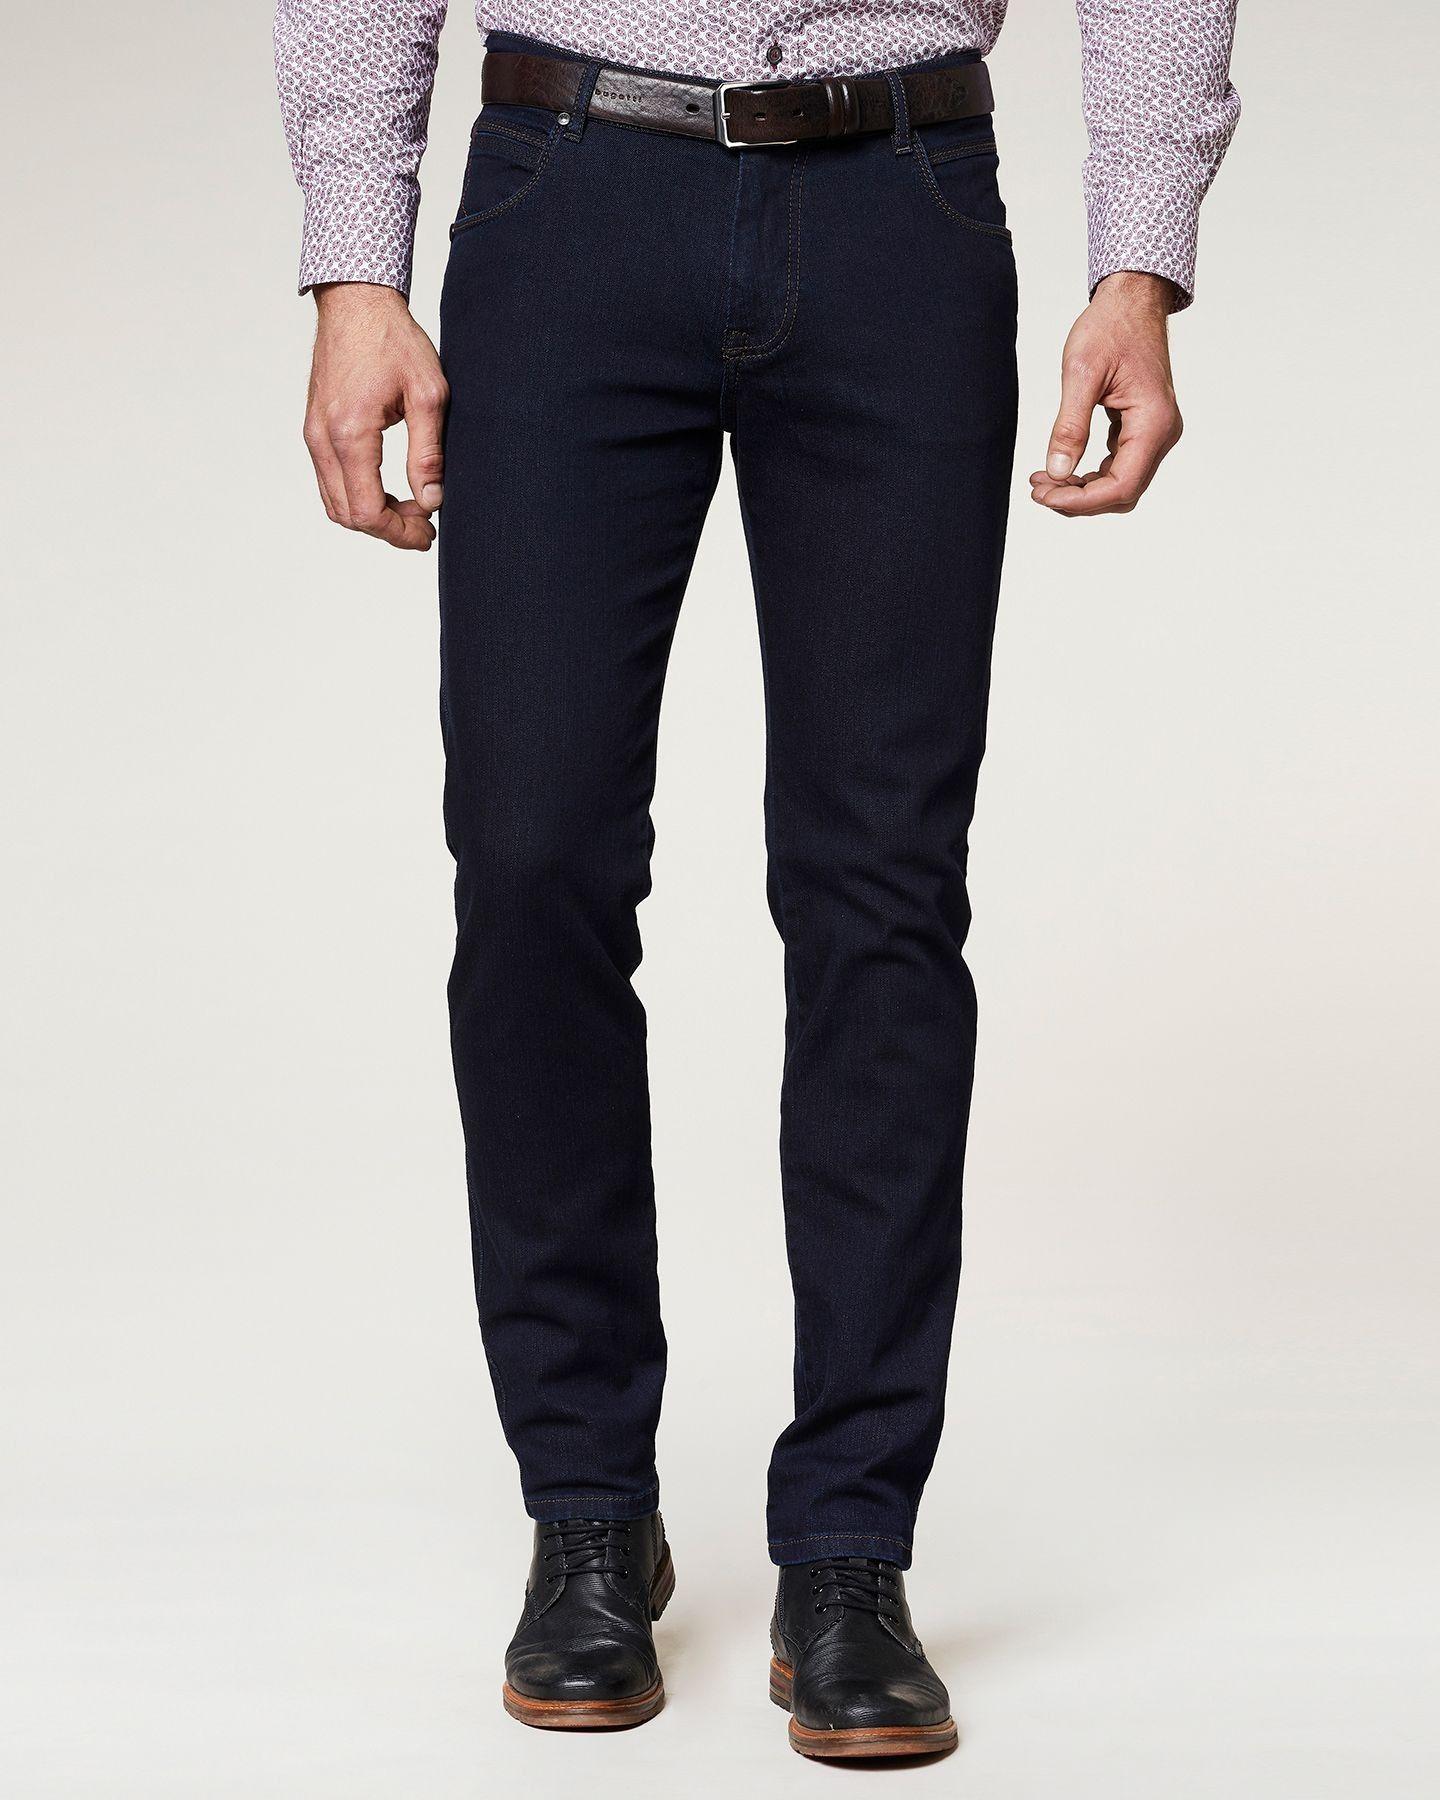 Bugatti - Herren Jeans Five Pocket-Hose hochelastisch (Art. Nr.: 3038D-76683) – Bild 2